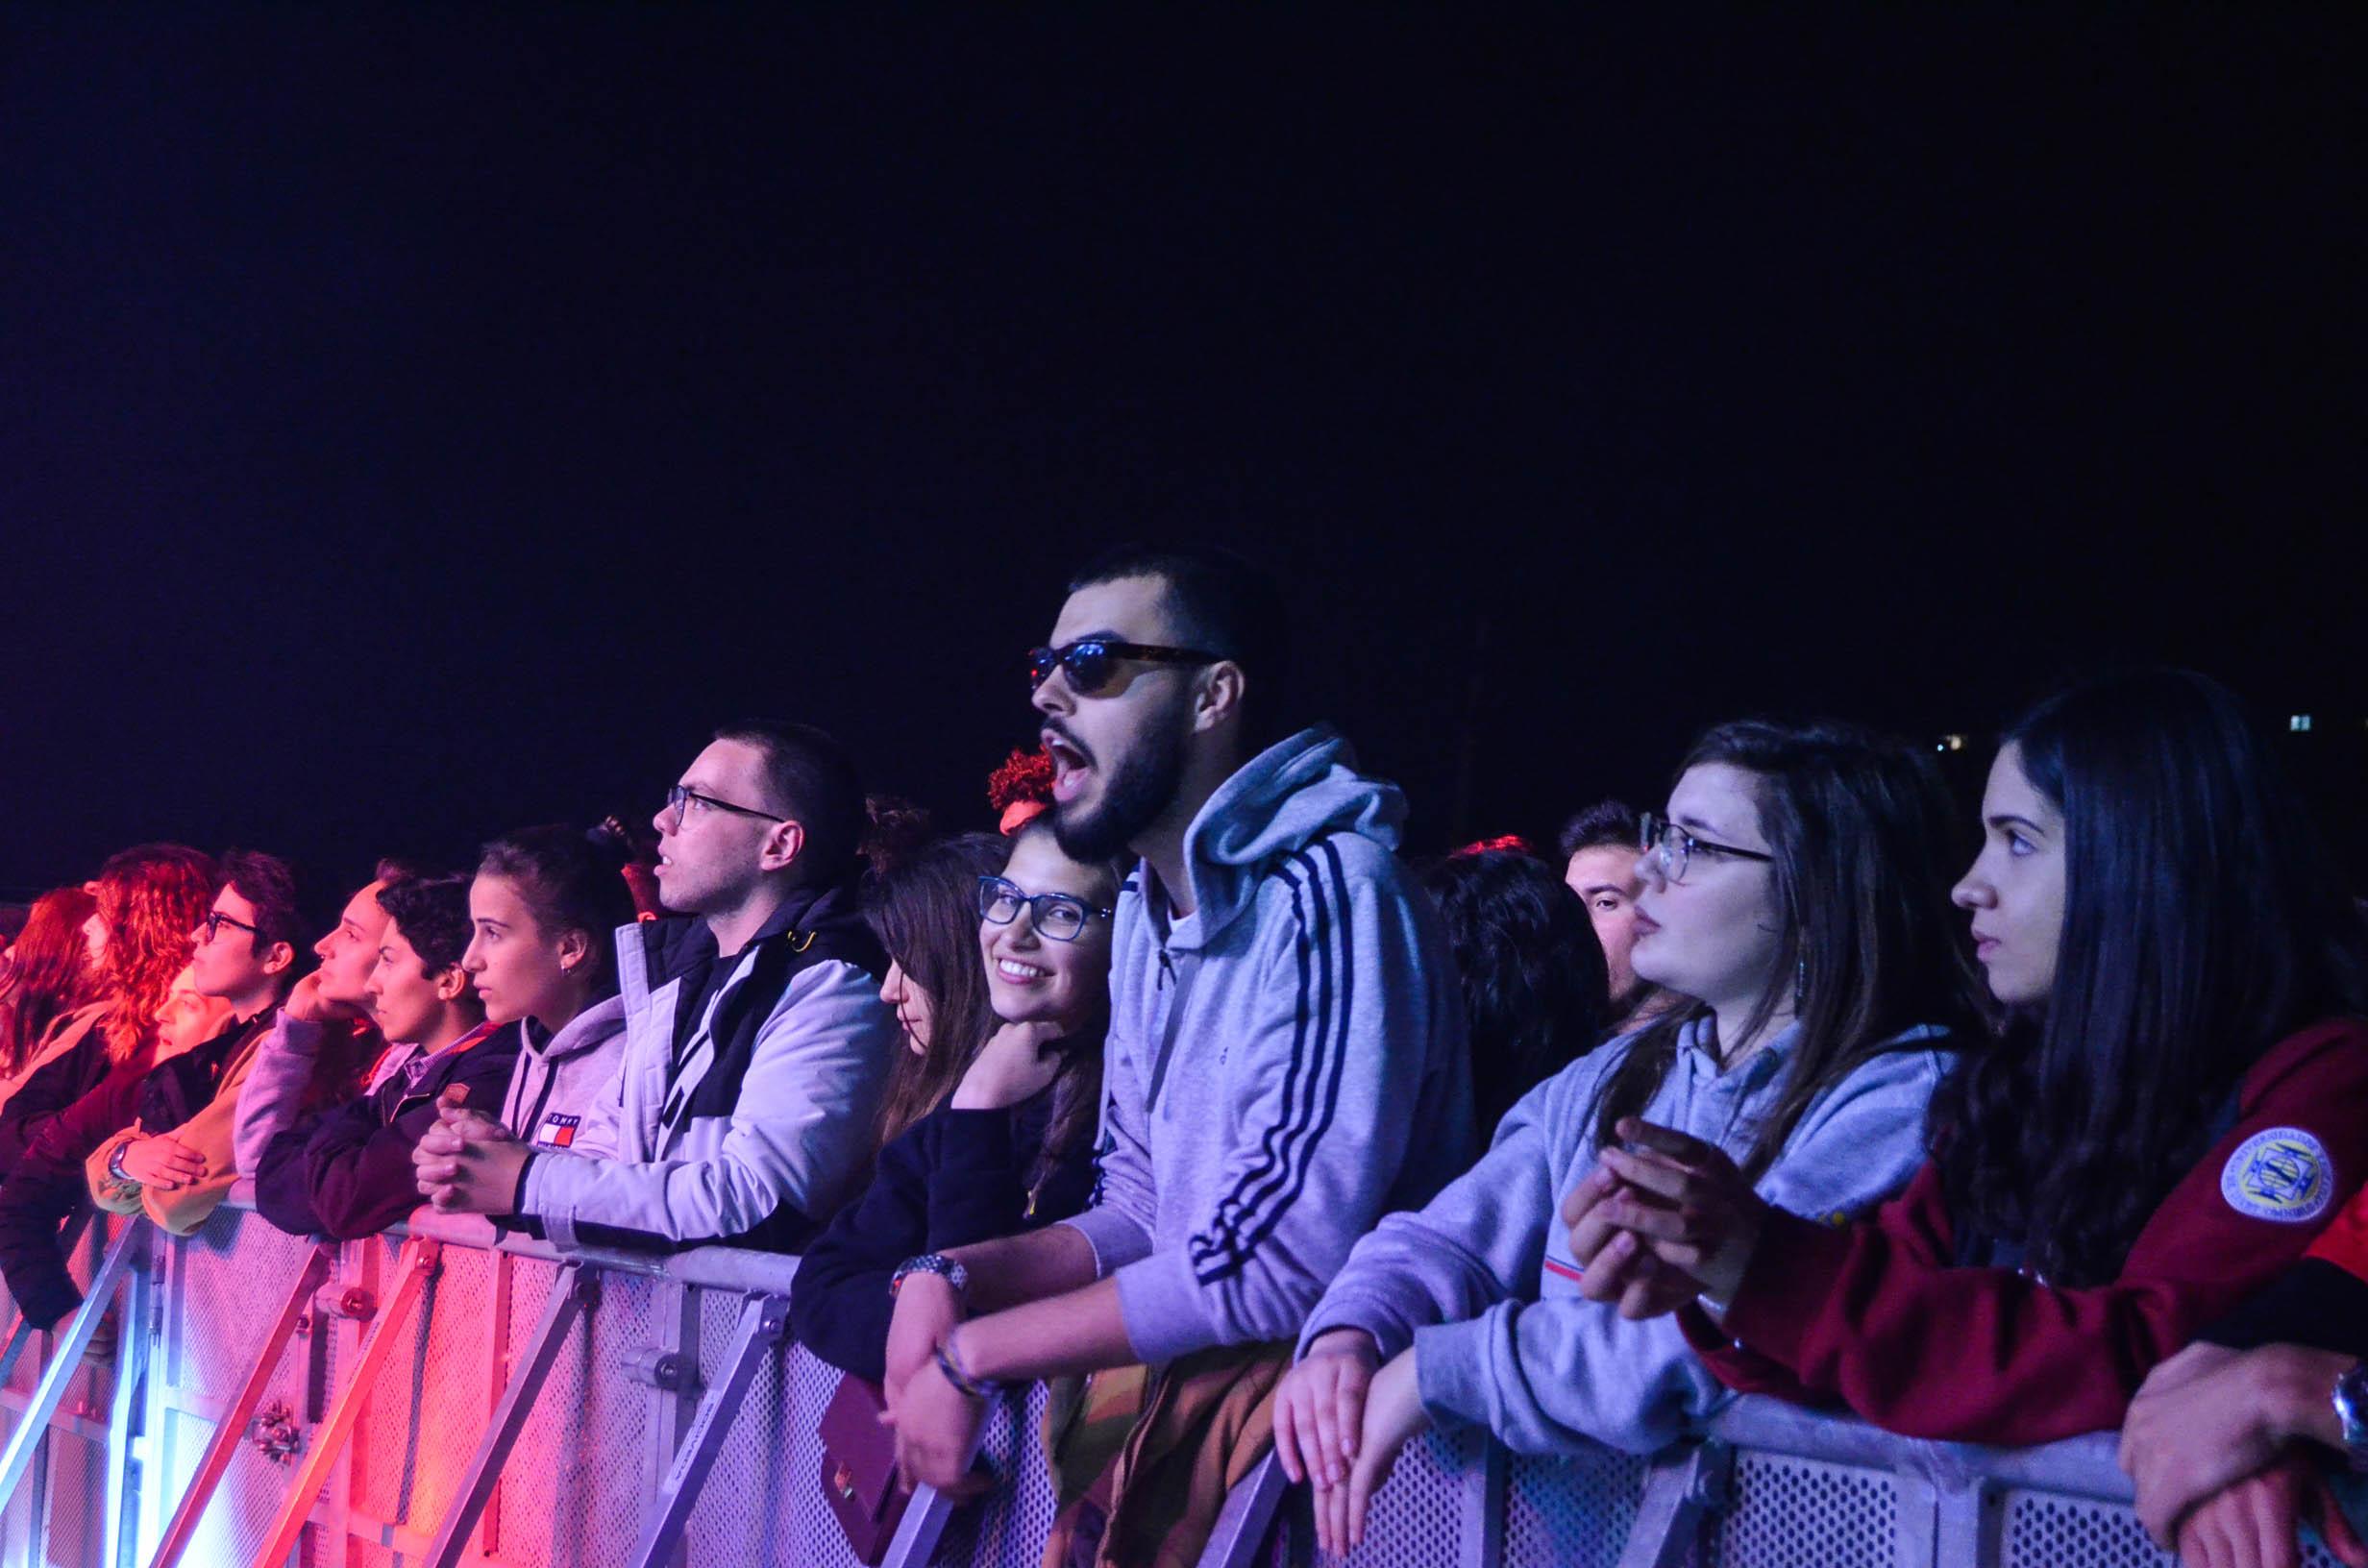 Público na Queima das Fitas do Porto 2019. Fotografia de Ana Rita Félix.